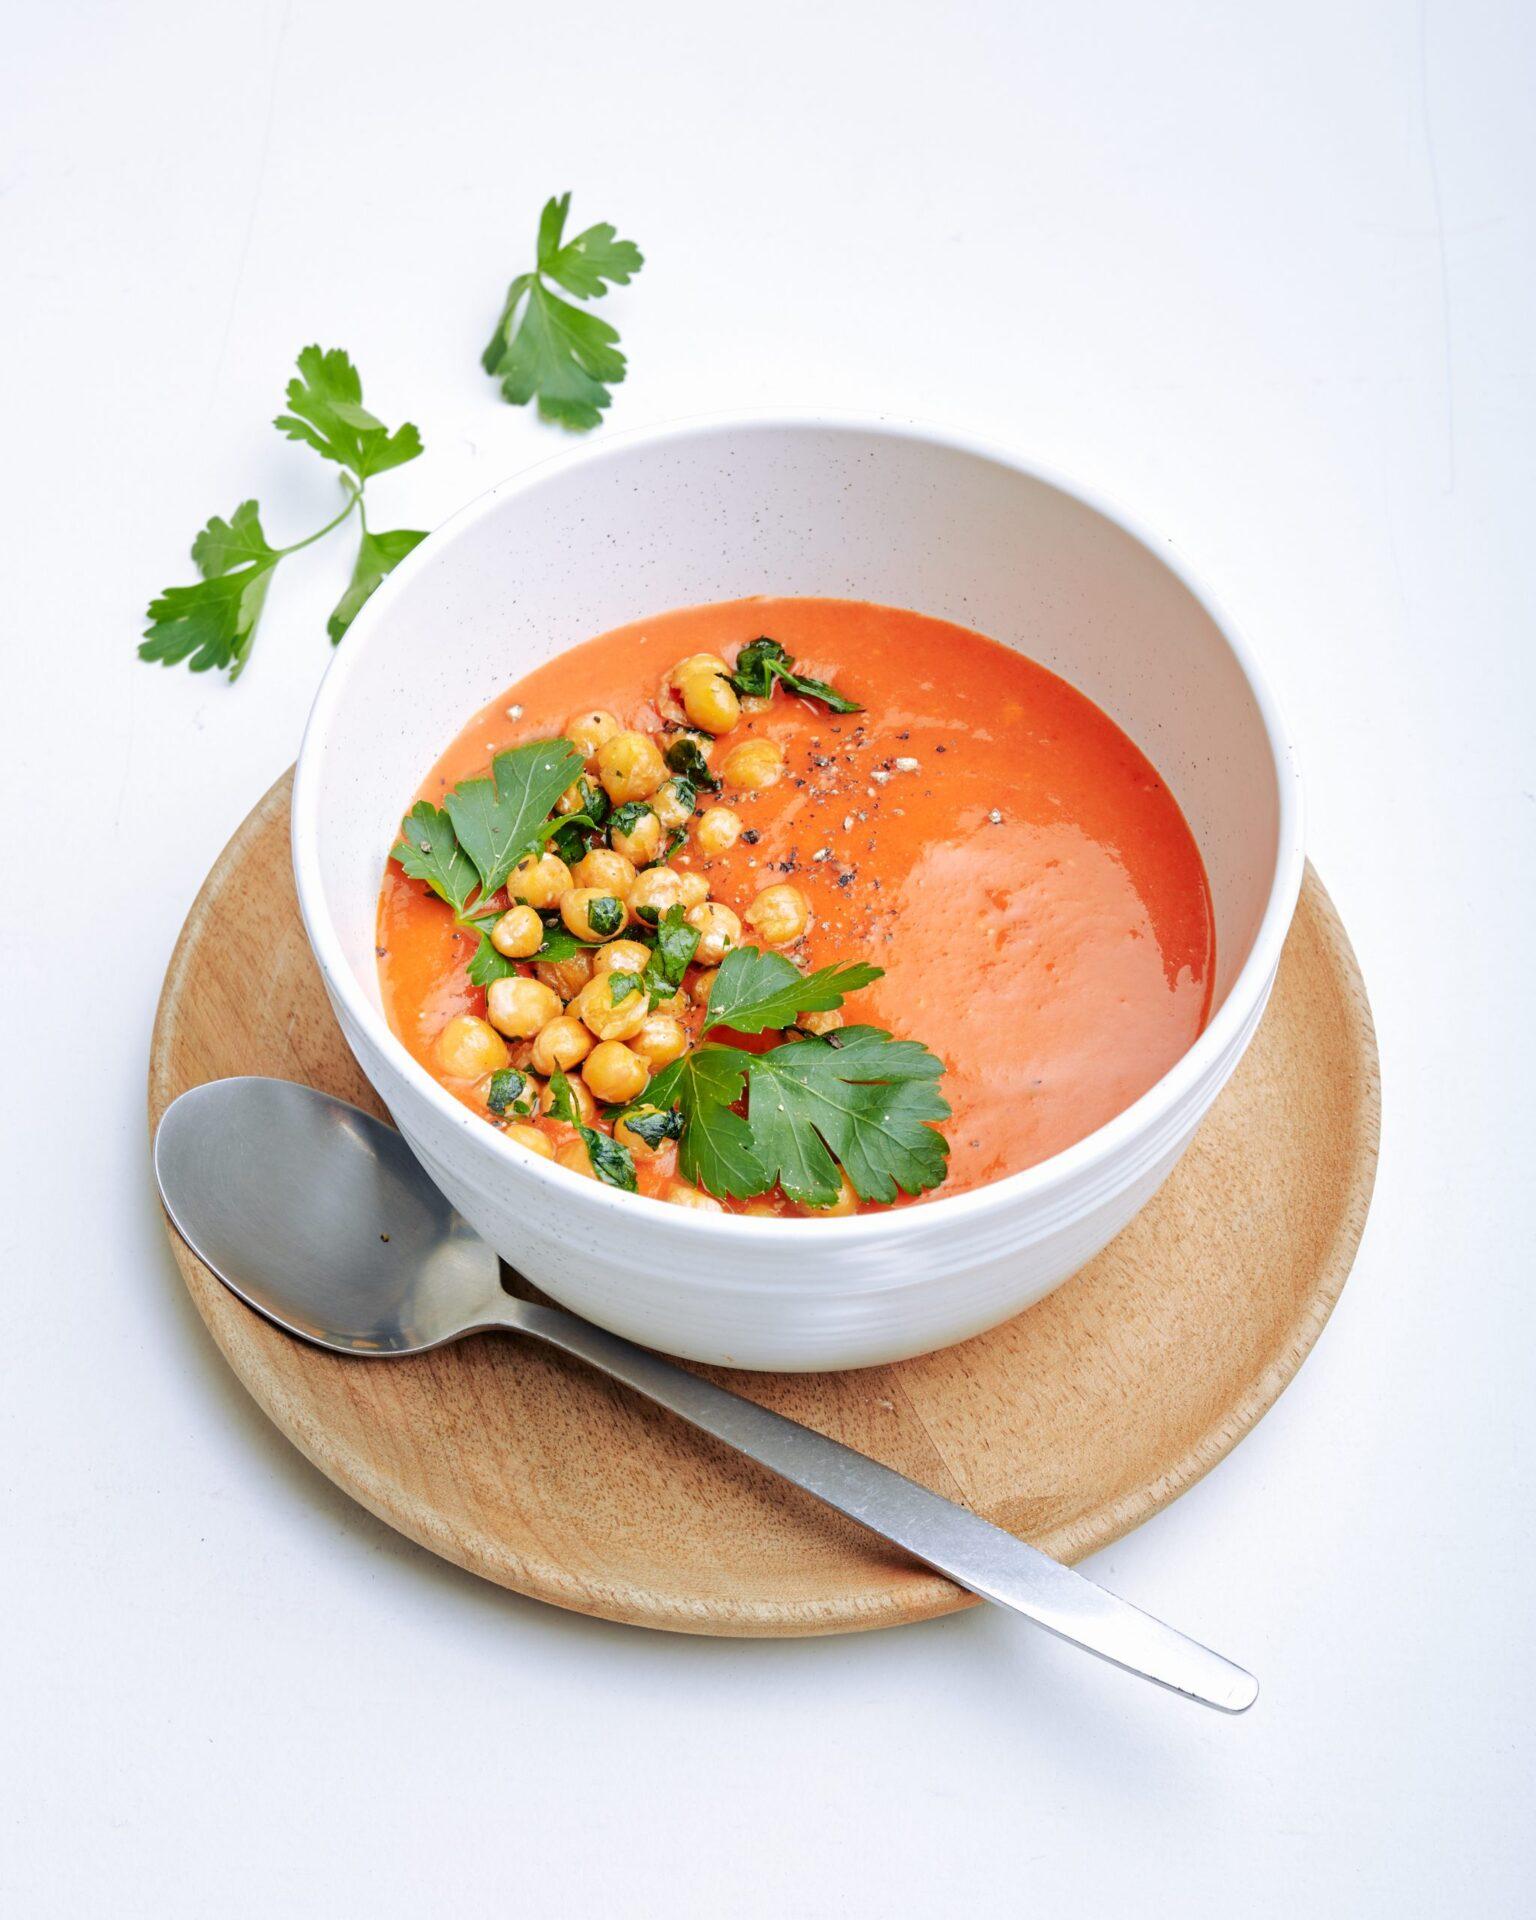 Eet Beter Kosmos Puntparikasoep scaled Recept van huisarts Tamara: Puntpaprika- & trostomatensoep met kikkererwten